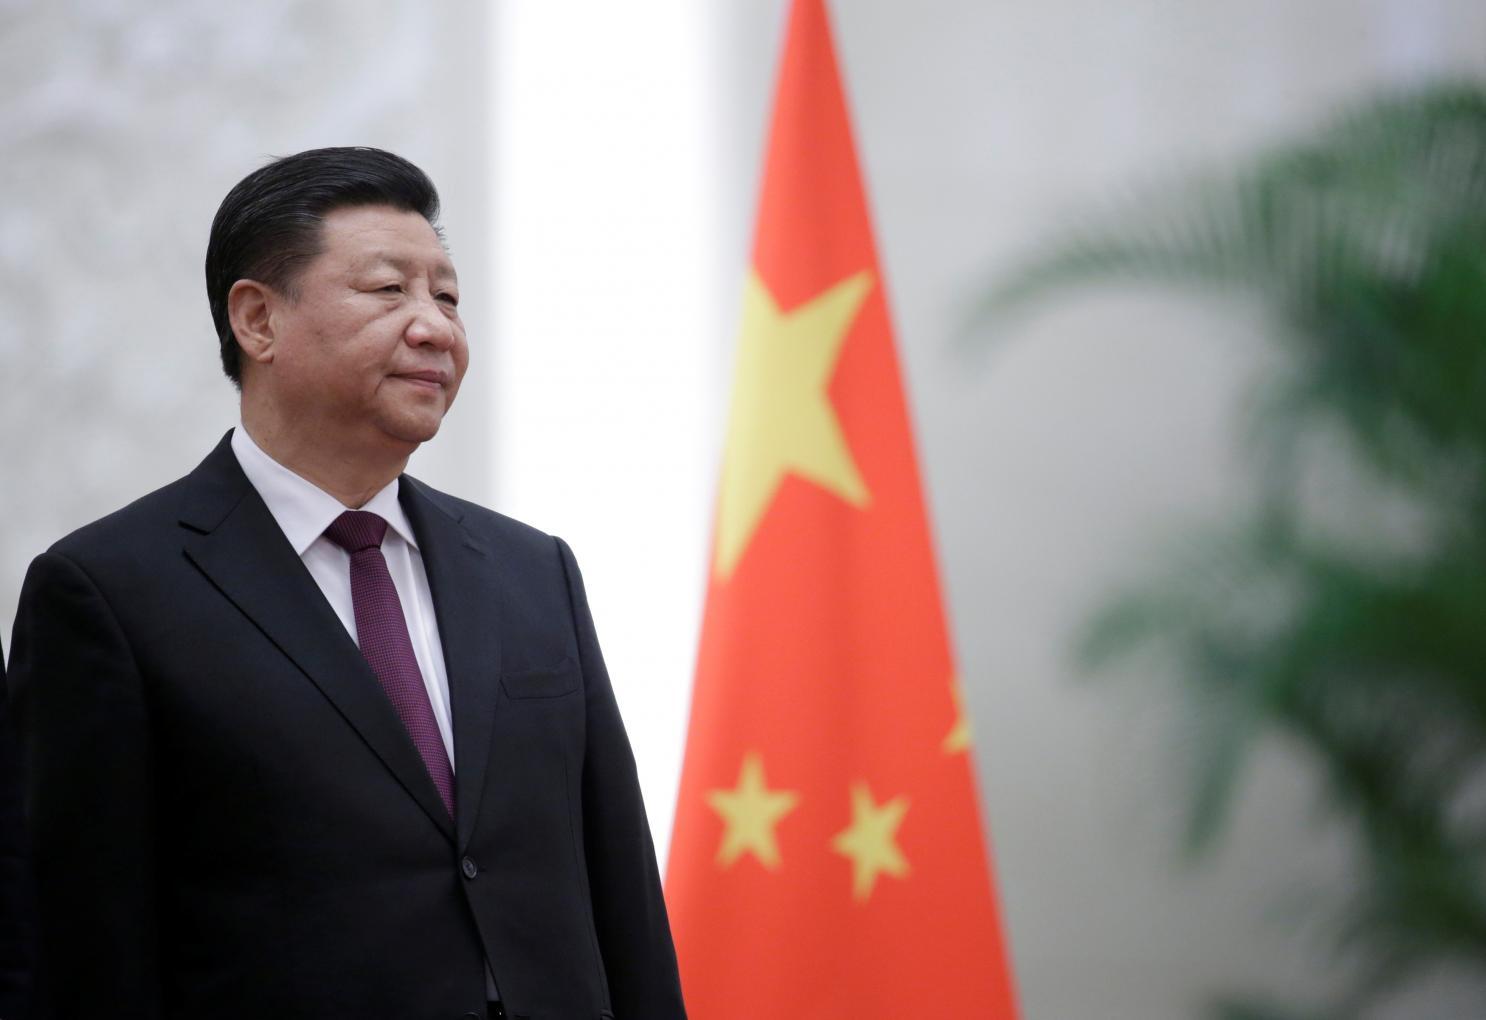 كيف عطّلت الصين المفاوضات الأميركية مع كوريا الشمالية